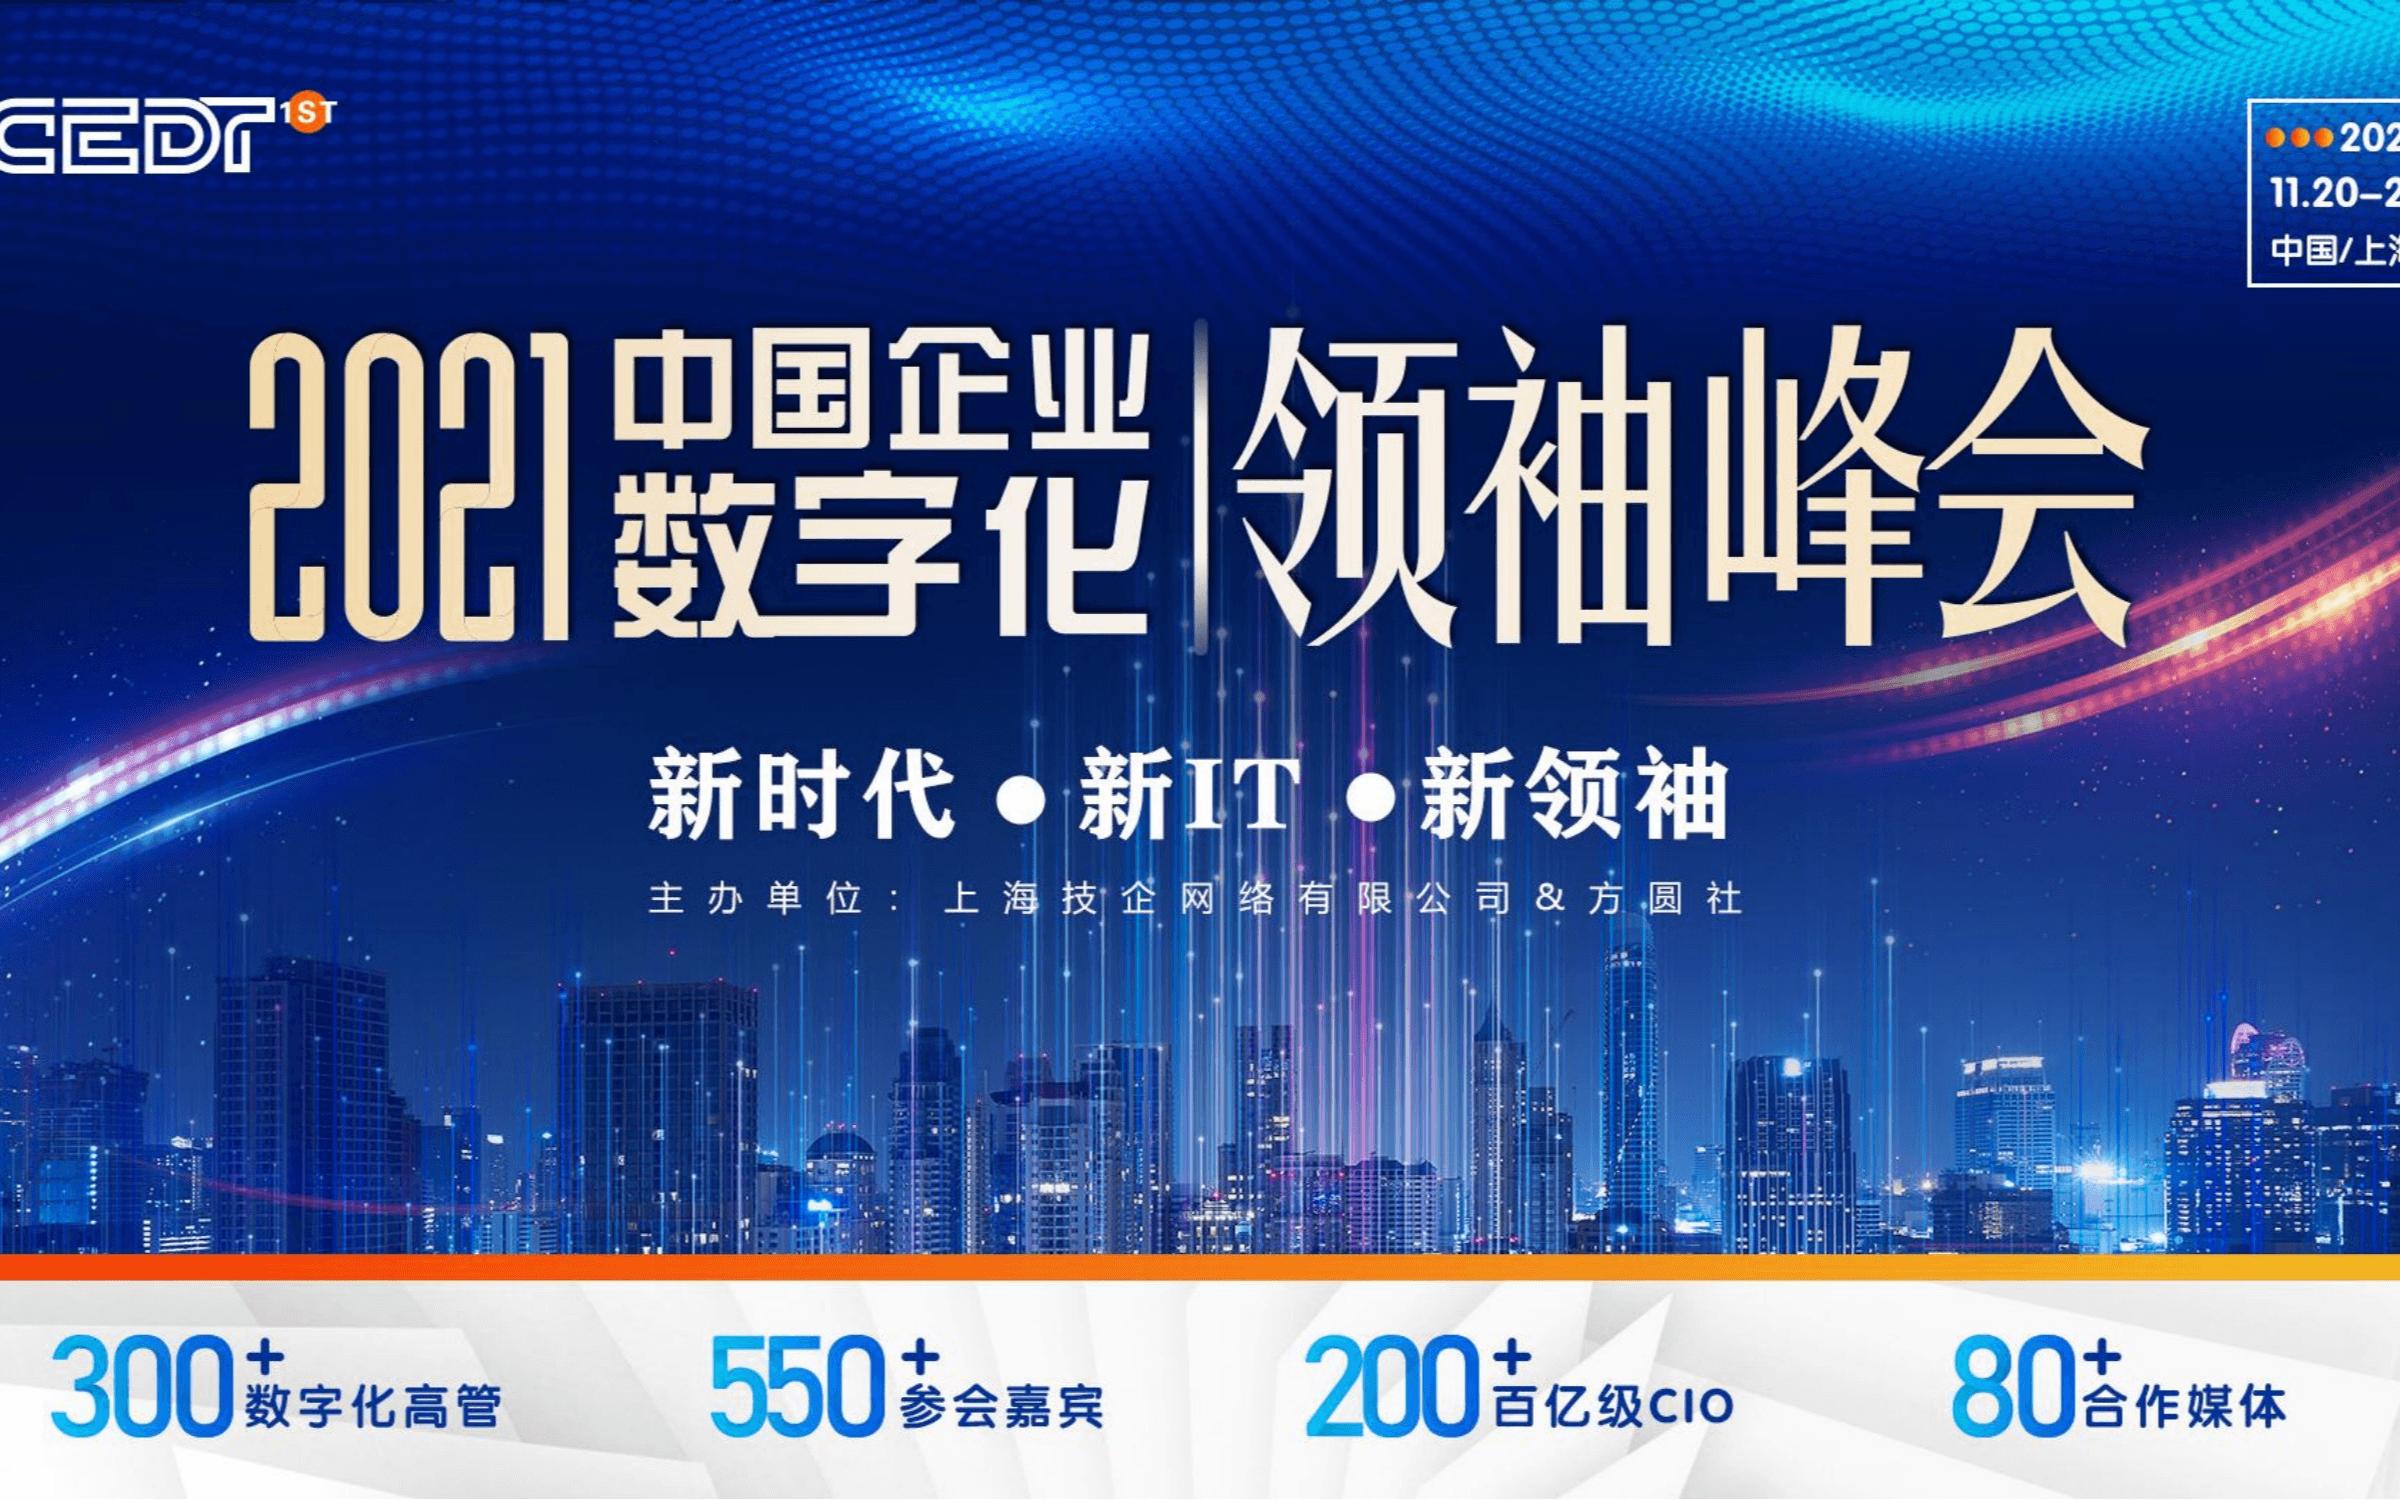 新时代 · 新IT · 新领袖 2021中国企业数字化领袖峰会